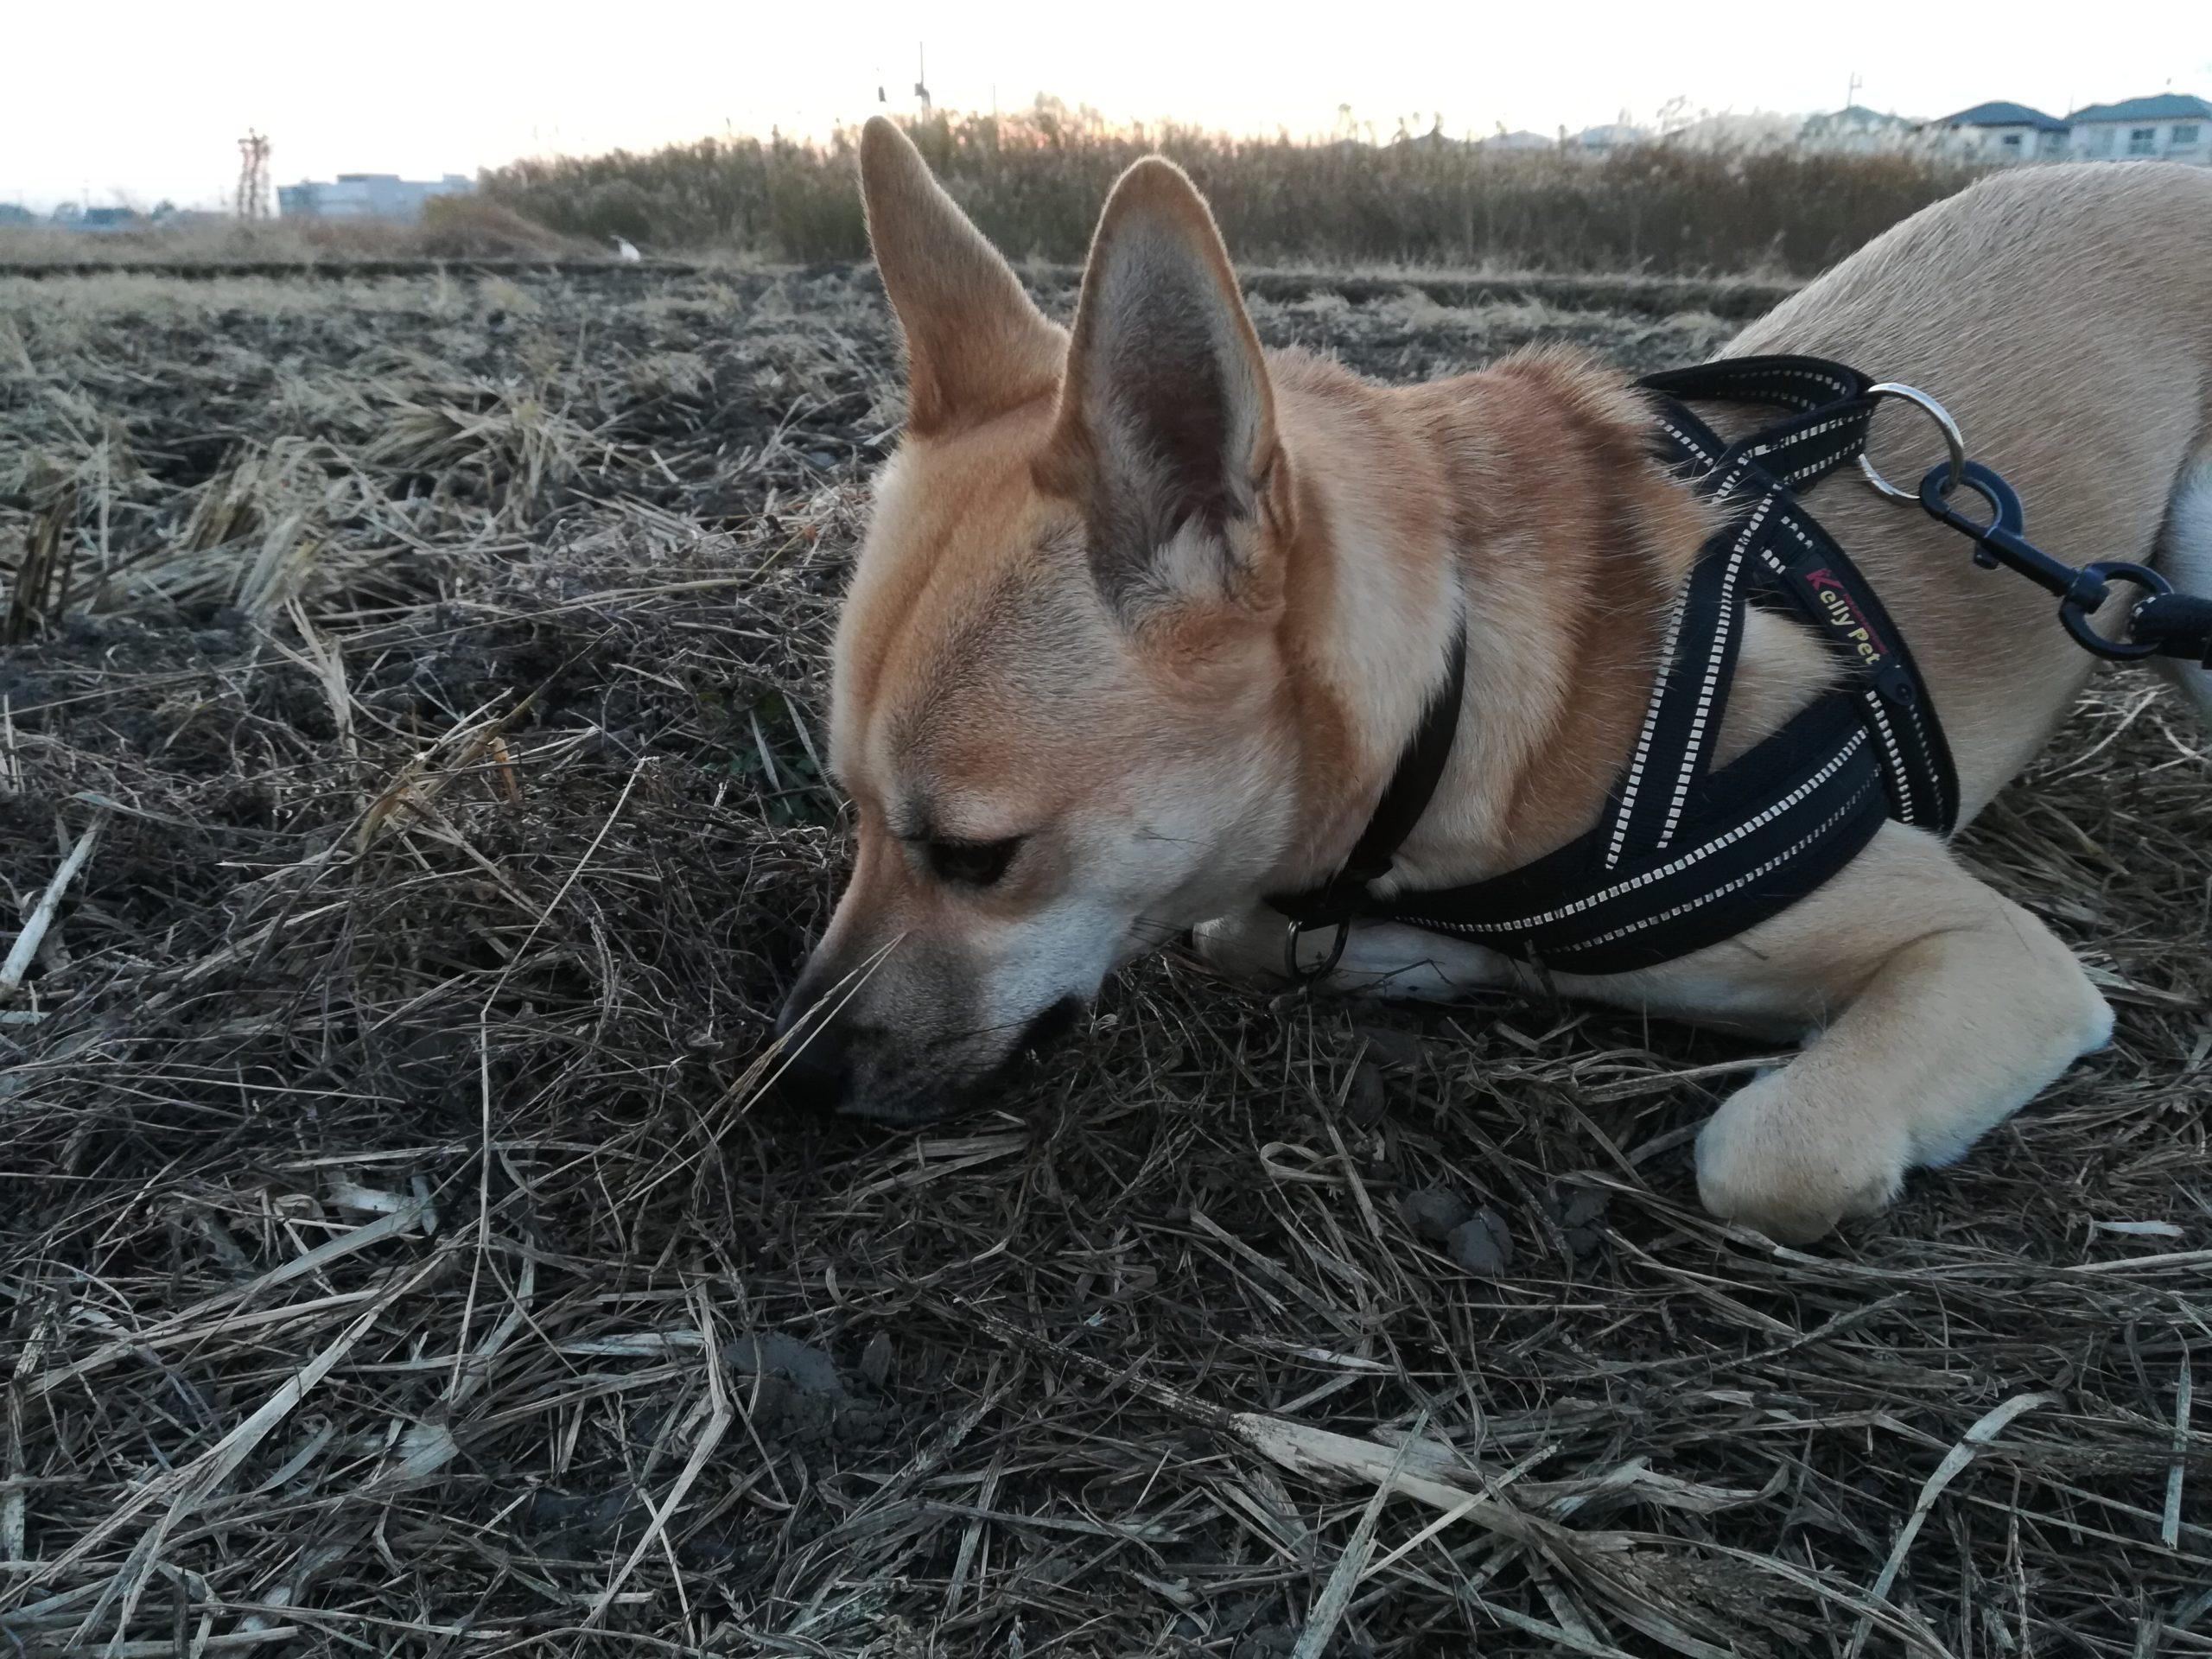 枯れ草のニオイを嗅ぐアポロ